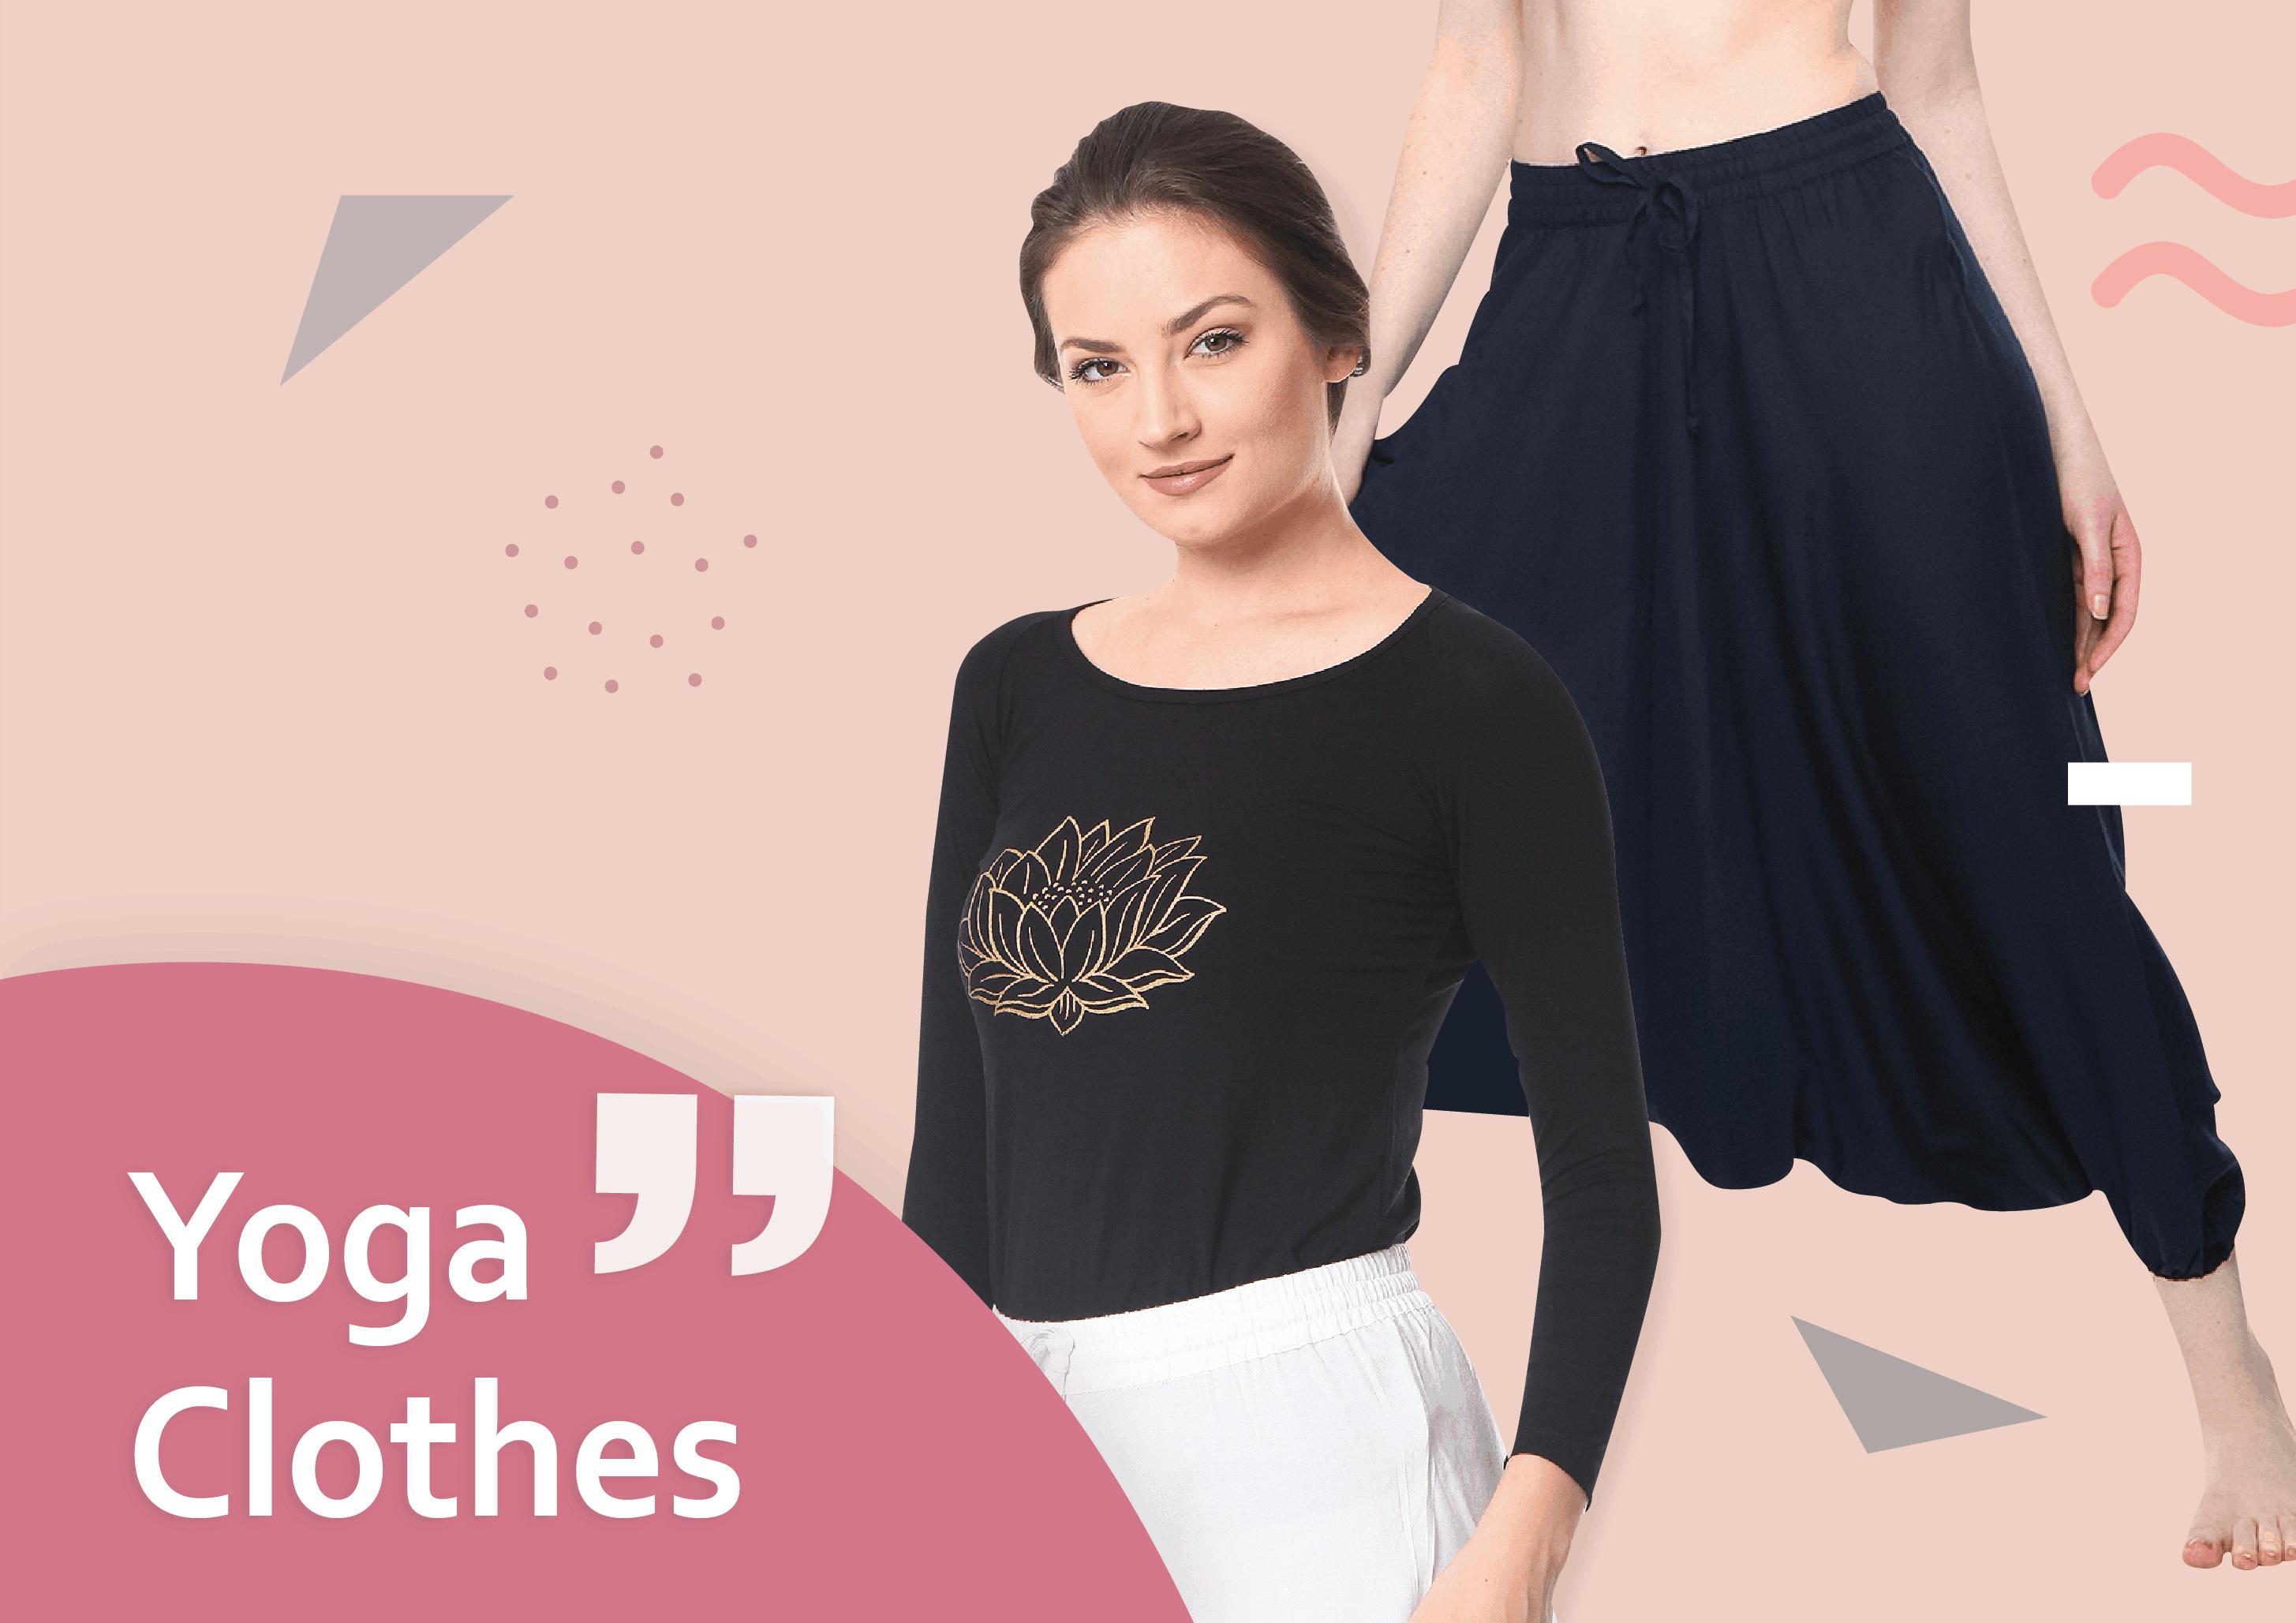 toko baju yoga murah dengan bahan lembut berkualitas export